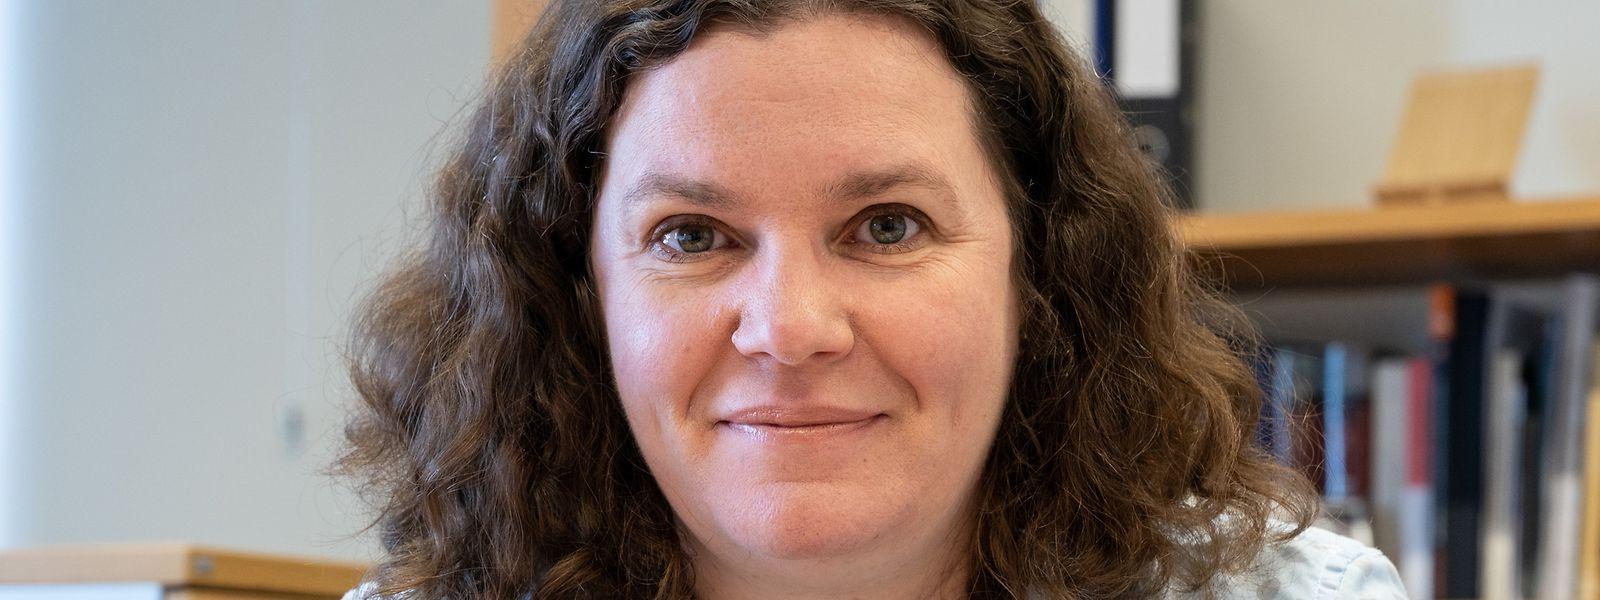 """Pour Catherine Léglu, vice-rectrice de l'université : """"Le multilinguisme est une des forces de cette université quand elle cherche à attirer des étudiants""""."""